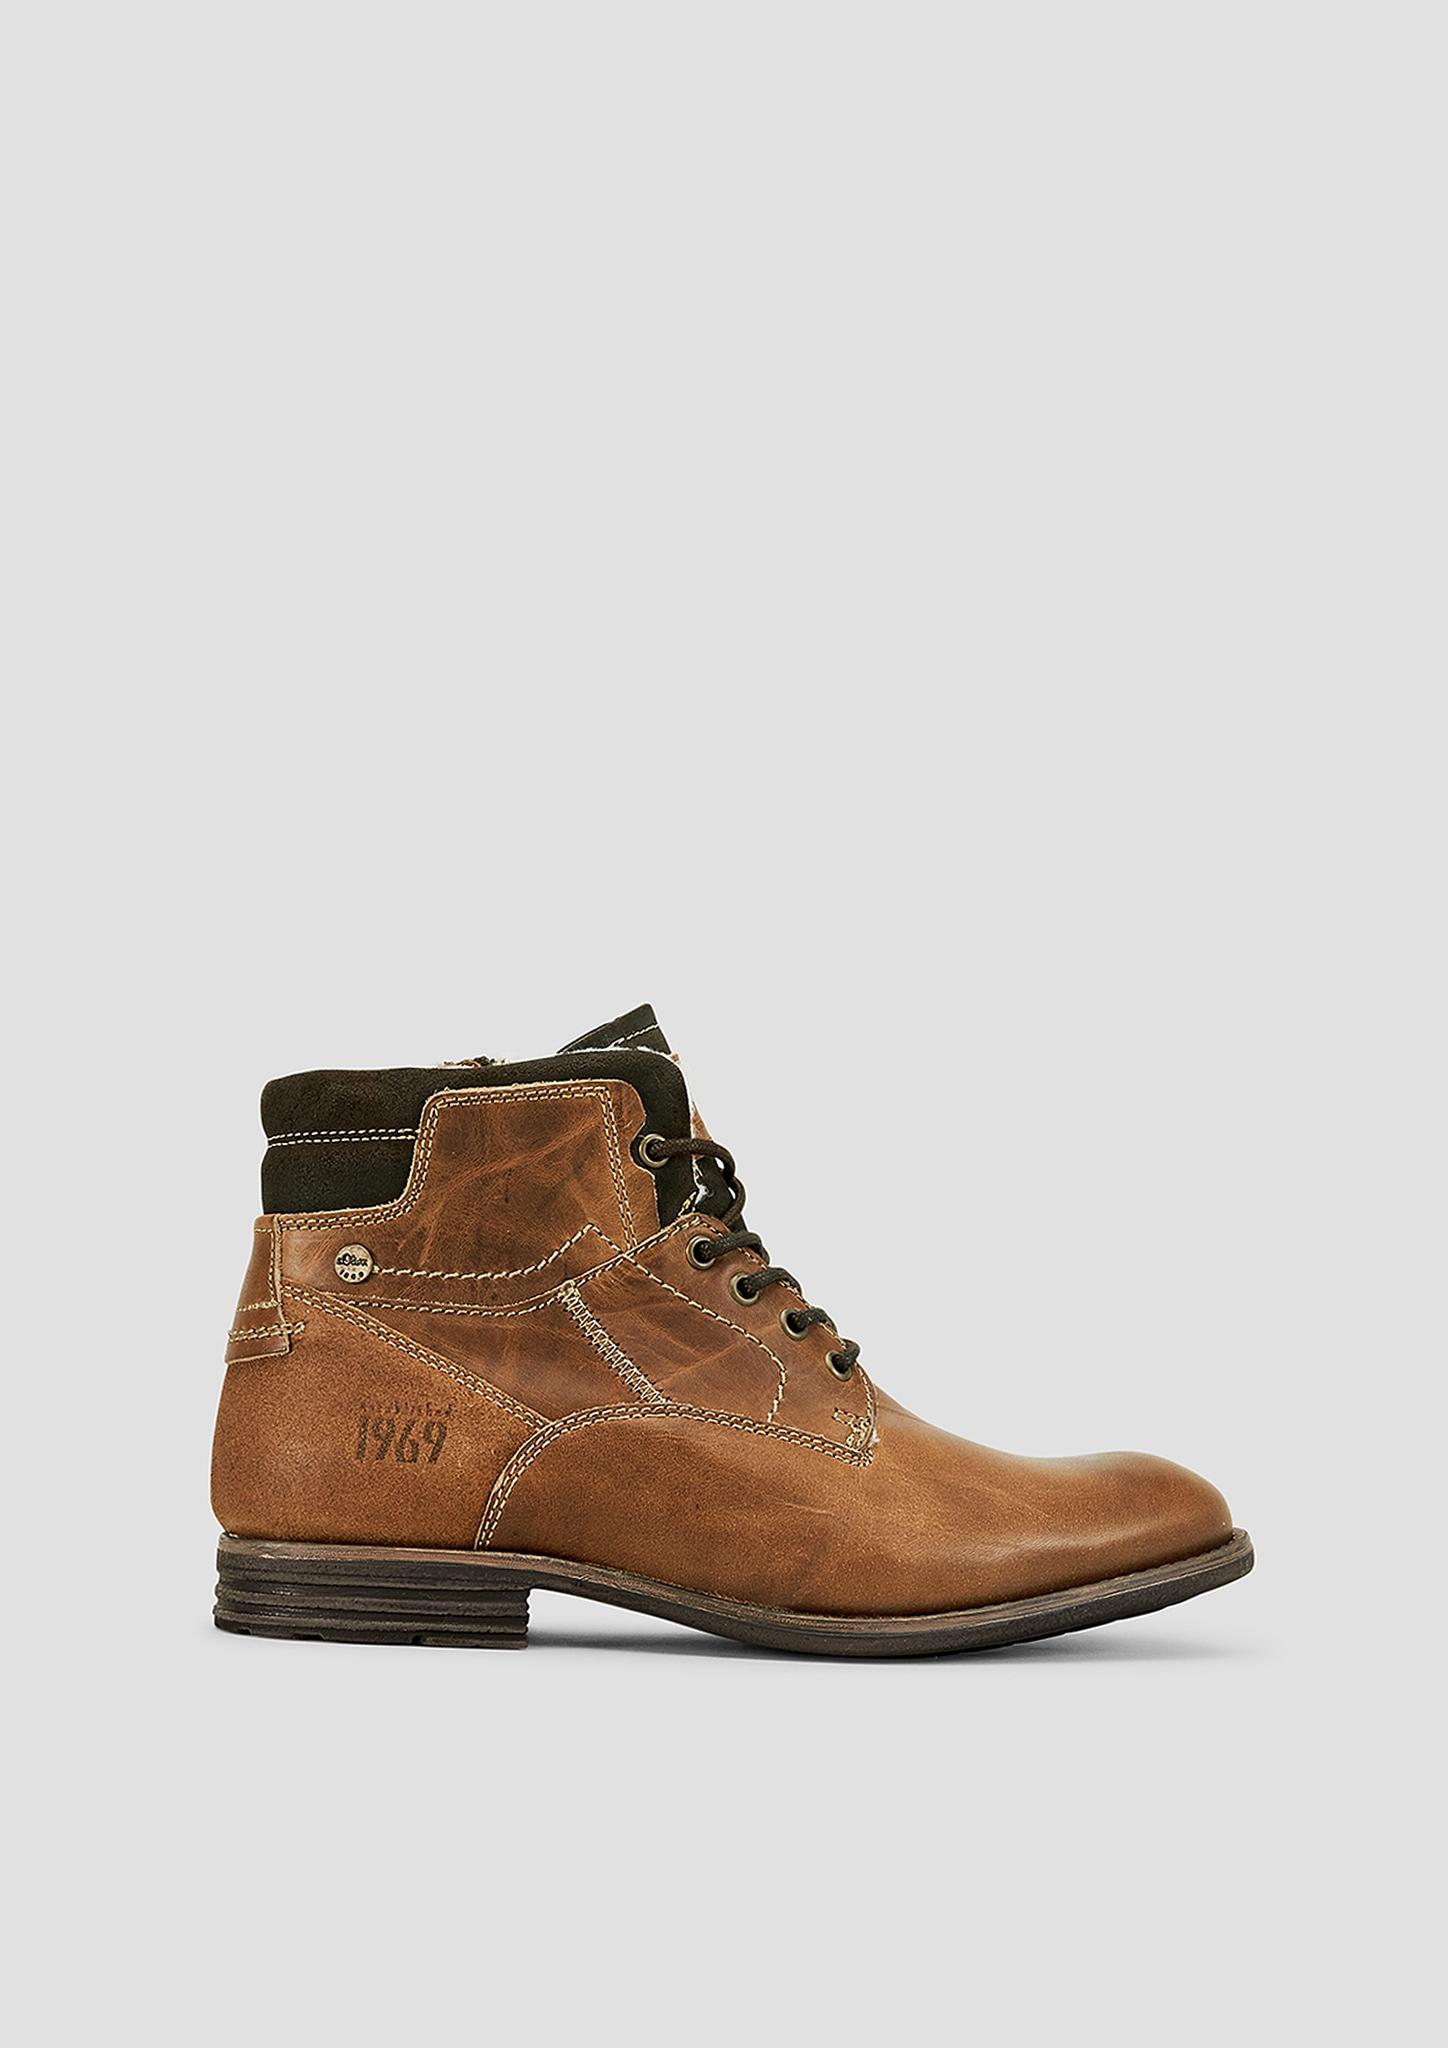 Boots | Schuhe > Boots > Boots | Braun | Obermaterial aus leder| futter aus textil| decksohle aus synthetik| laufsohle aus synthetik | s.Oliver